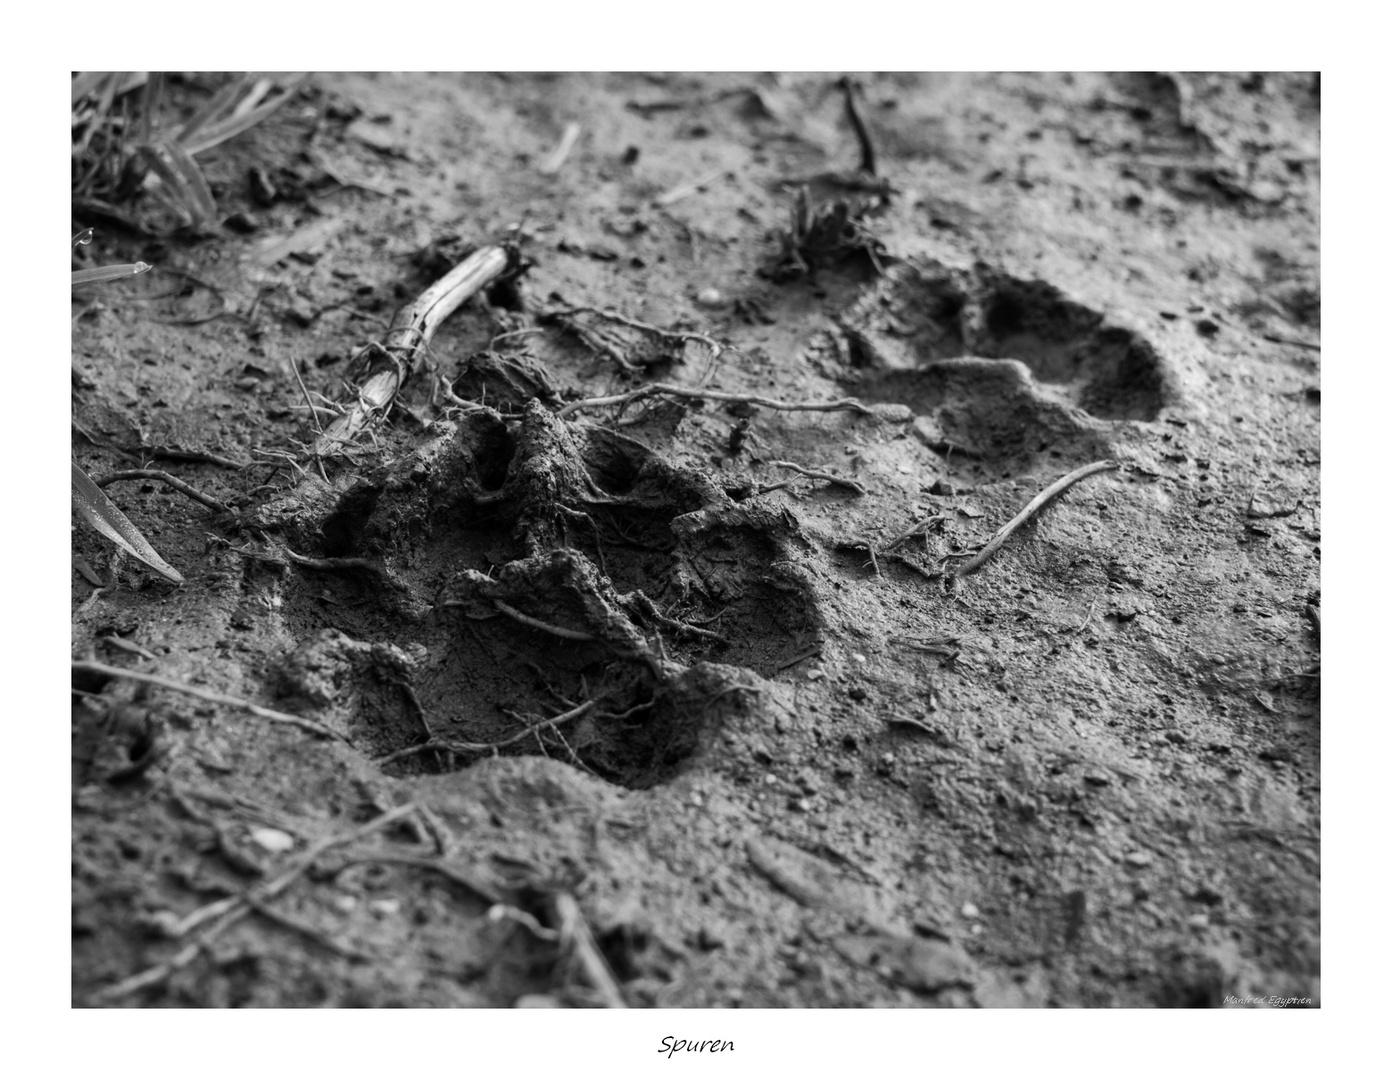 Spuren